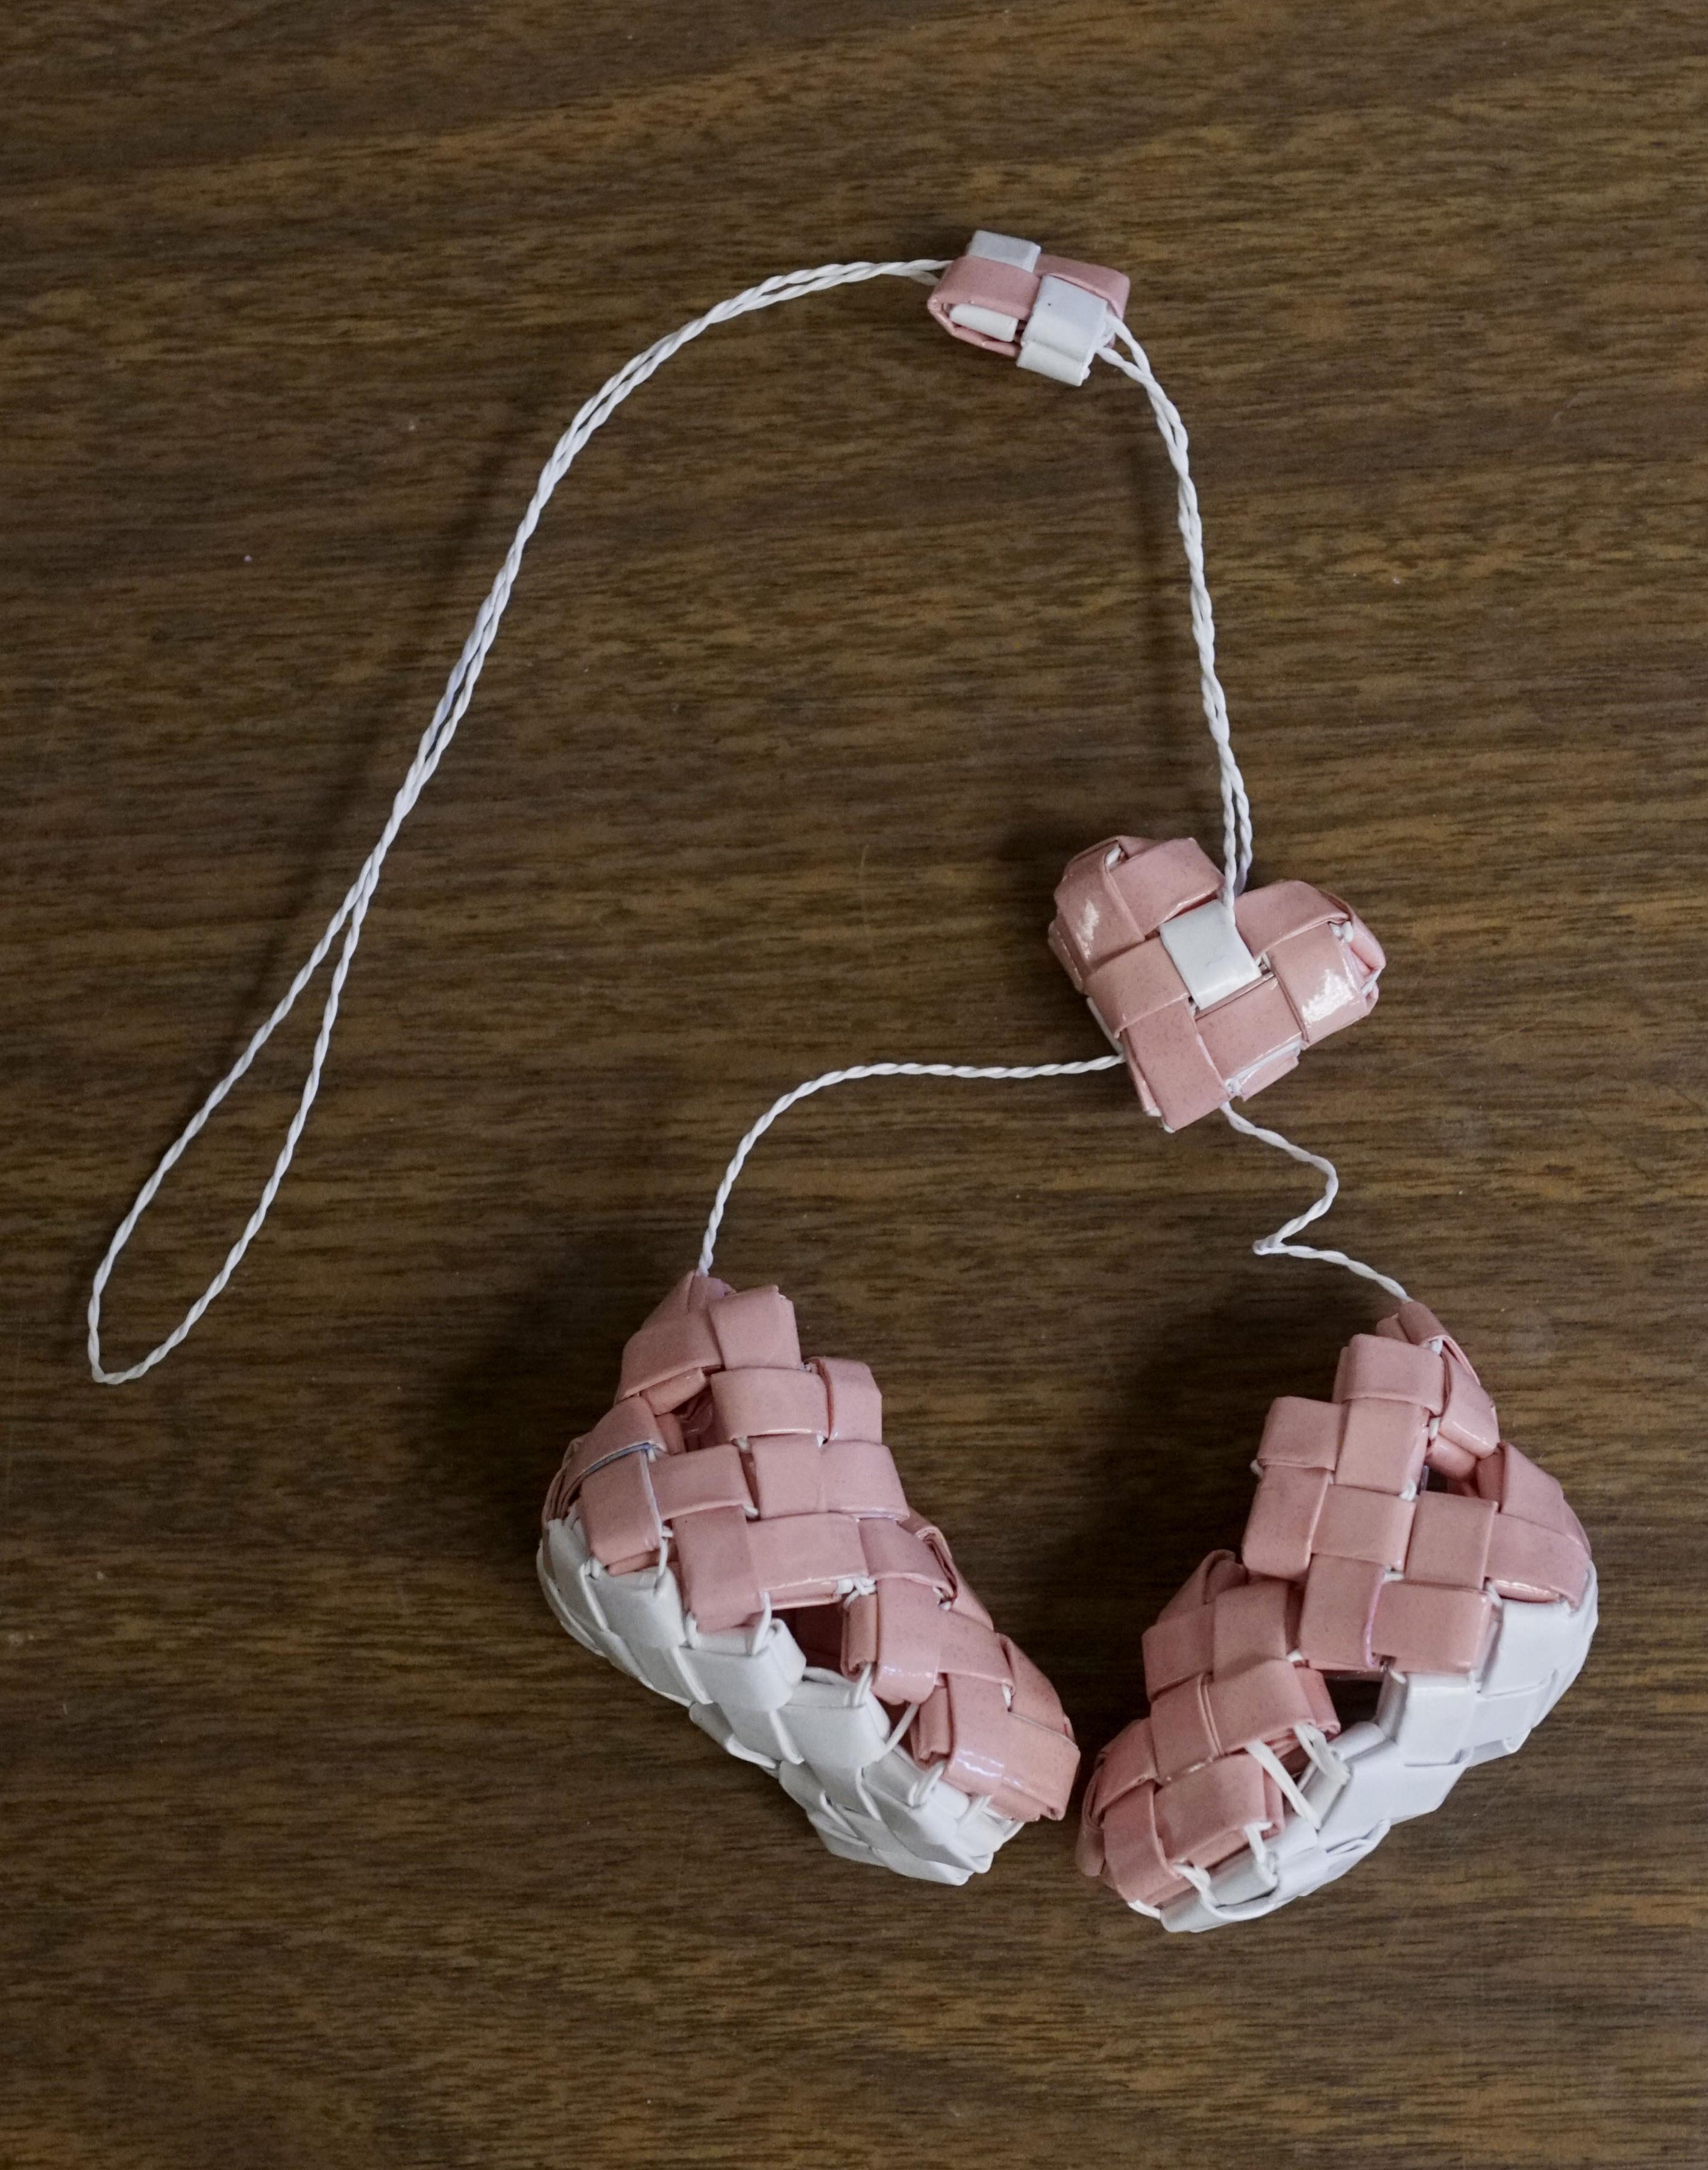 Unas botas de bebé hecha por un migrante en un centro de detención. (Sandy Huffaker/The New York Times)